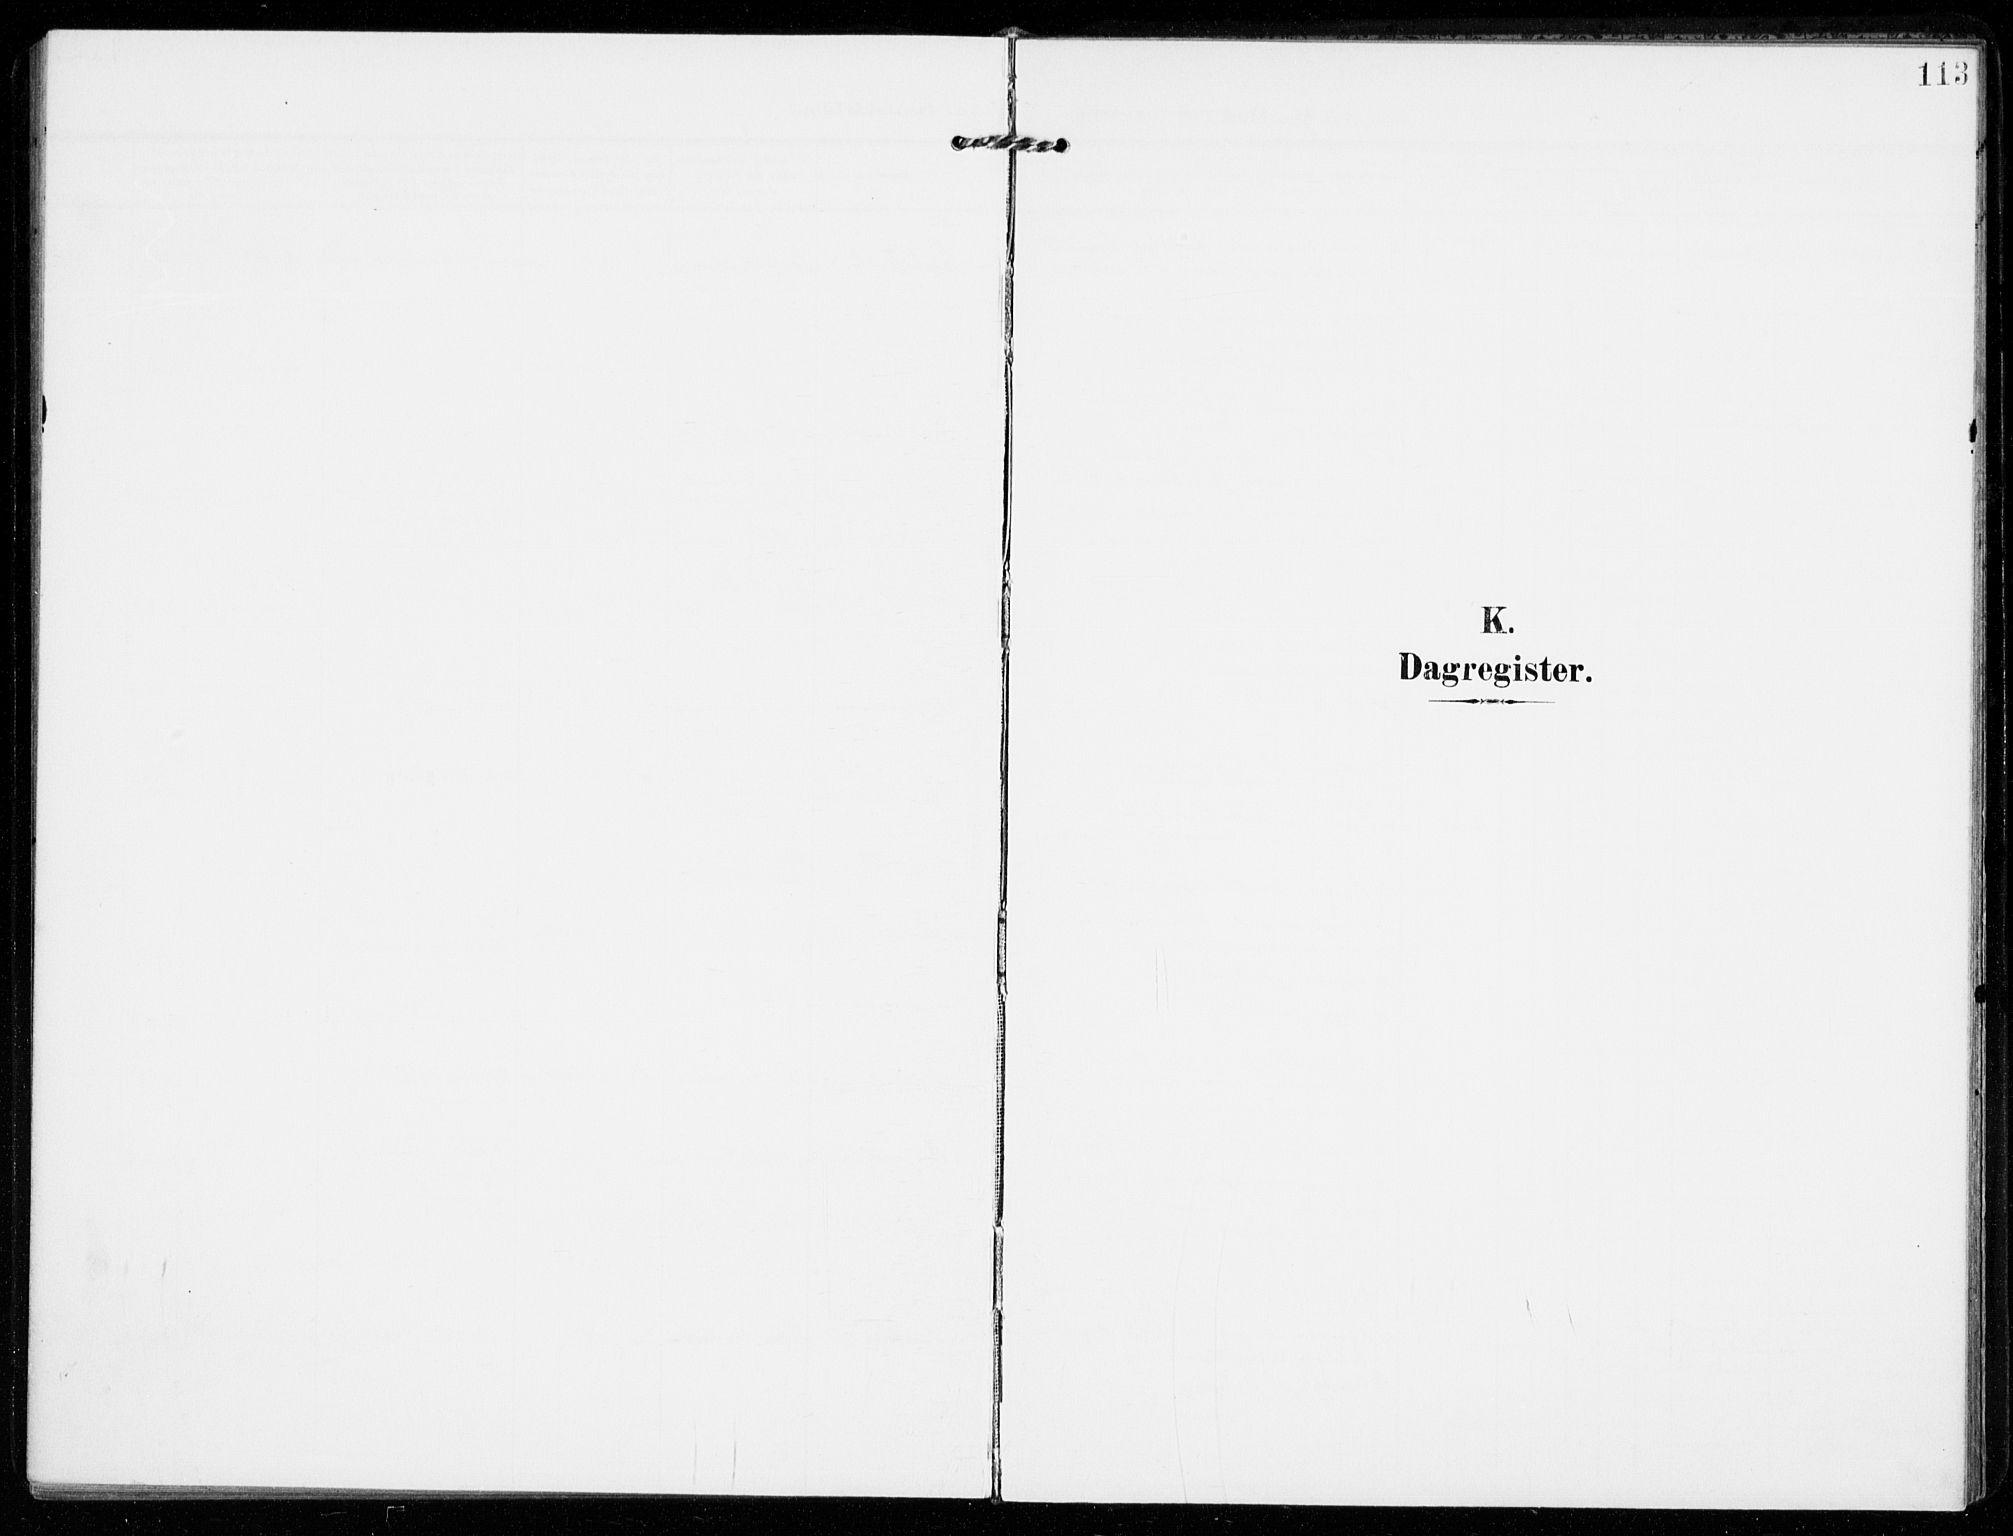 SAKO, Sandar kirkebøker, F/Fa/L0019: Ministerialbok nr. 19, 1908-1914, s. 113